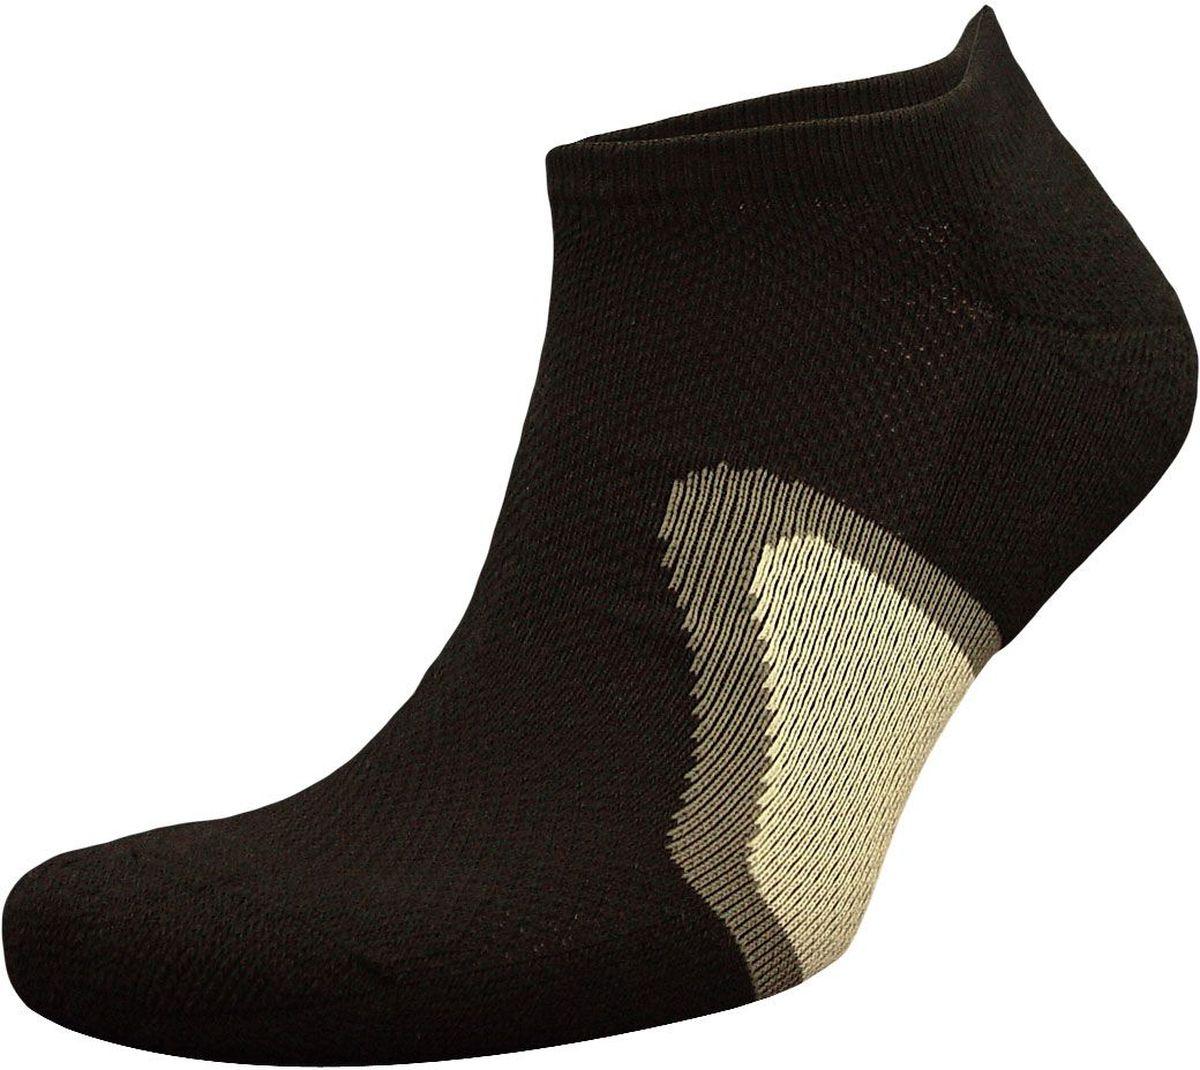 ZC46Мужские носки из высококачественного хлопка для занятий спортом: - сделаны из натурального волокна с уникальной терморегуляцией; - бесшовная технология (кеттельный, плоский шов); - после стирки не меняют цвет; - усиленны пятка и мысок для повышенной износостойкости; - функция отвода влаги позволяет сохранить ноги сухими; - благодаря свойствам эластана, не теряют первоначальный вид; Носки произведены по европейским стандартам на современный вязальных автоматах.